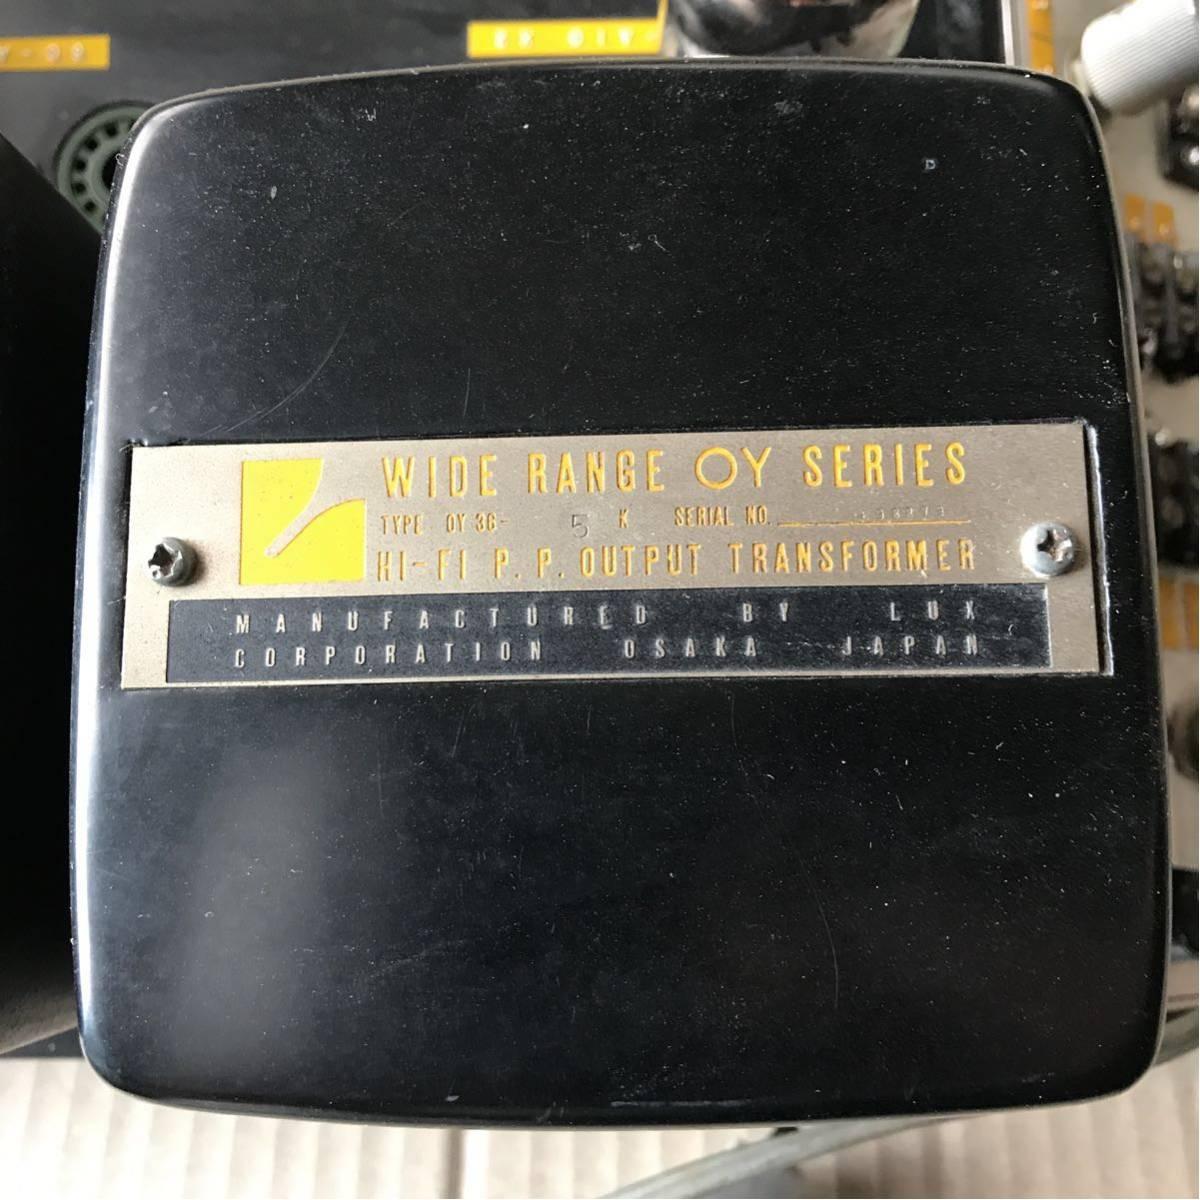 真空管 NEC 6C-A10 PP OY-36-5K LUX 写真の真空管はヒーター確認用なので付属しないですが プレゼントで6C-A10 1個付属しますジャンク品_画像4